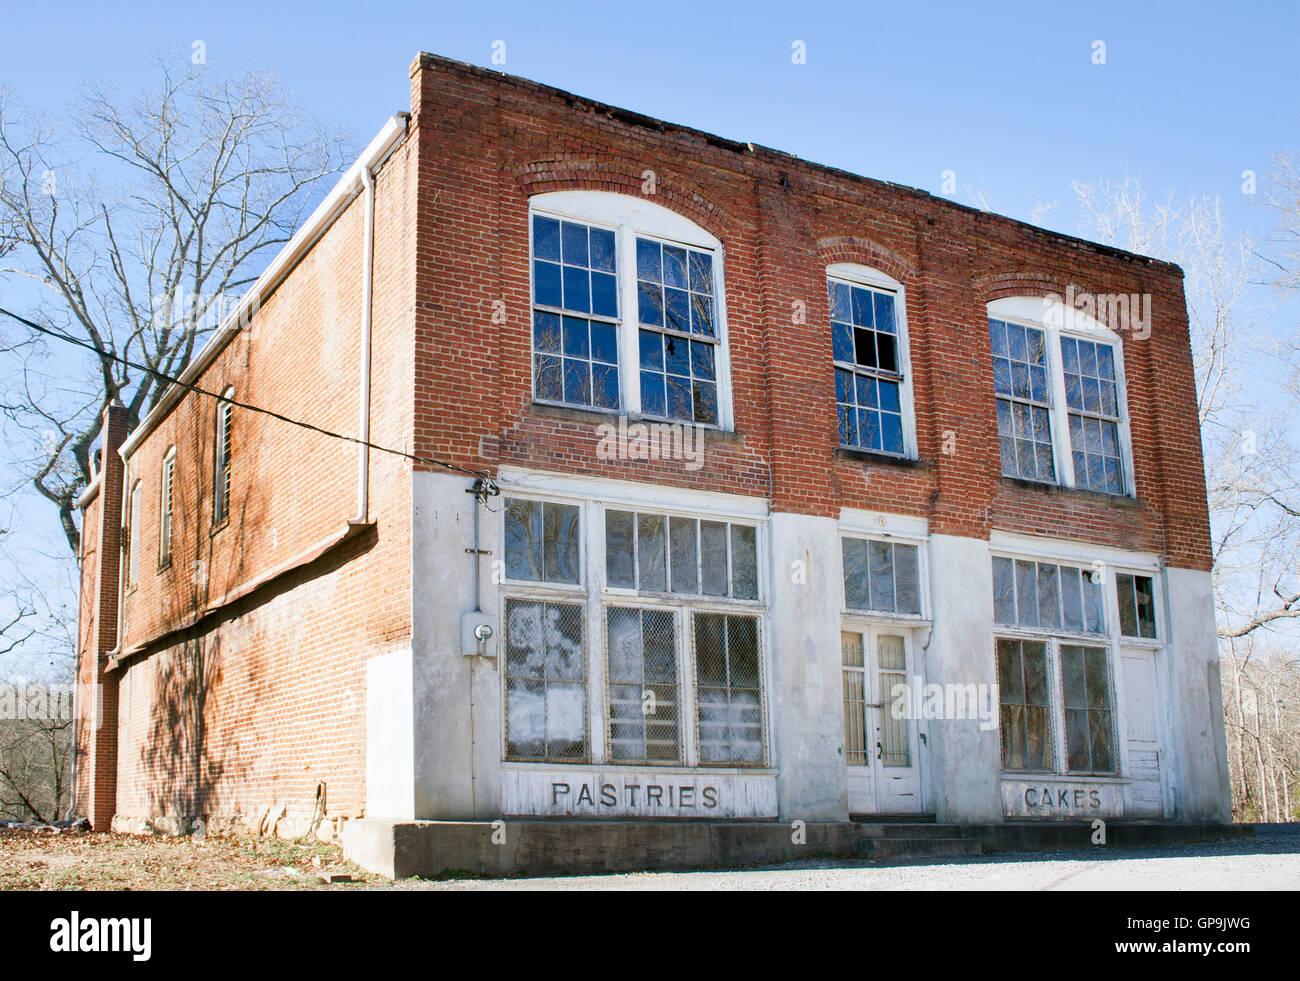 Deserted Village Hunger Games Film Location in Hildebran North Carolina - Stock Image